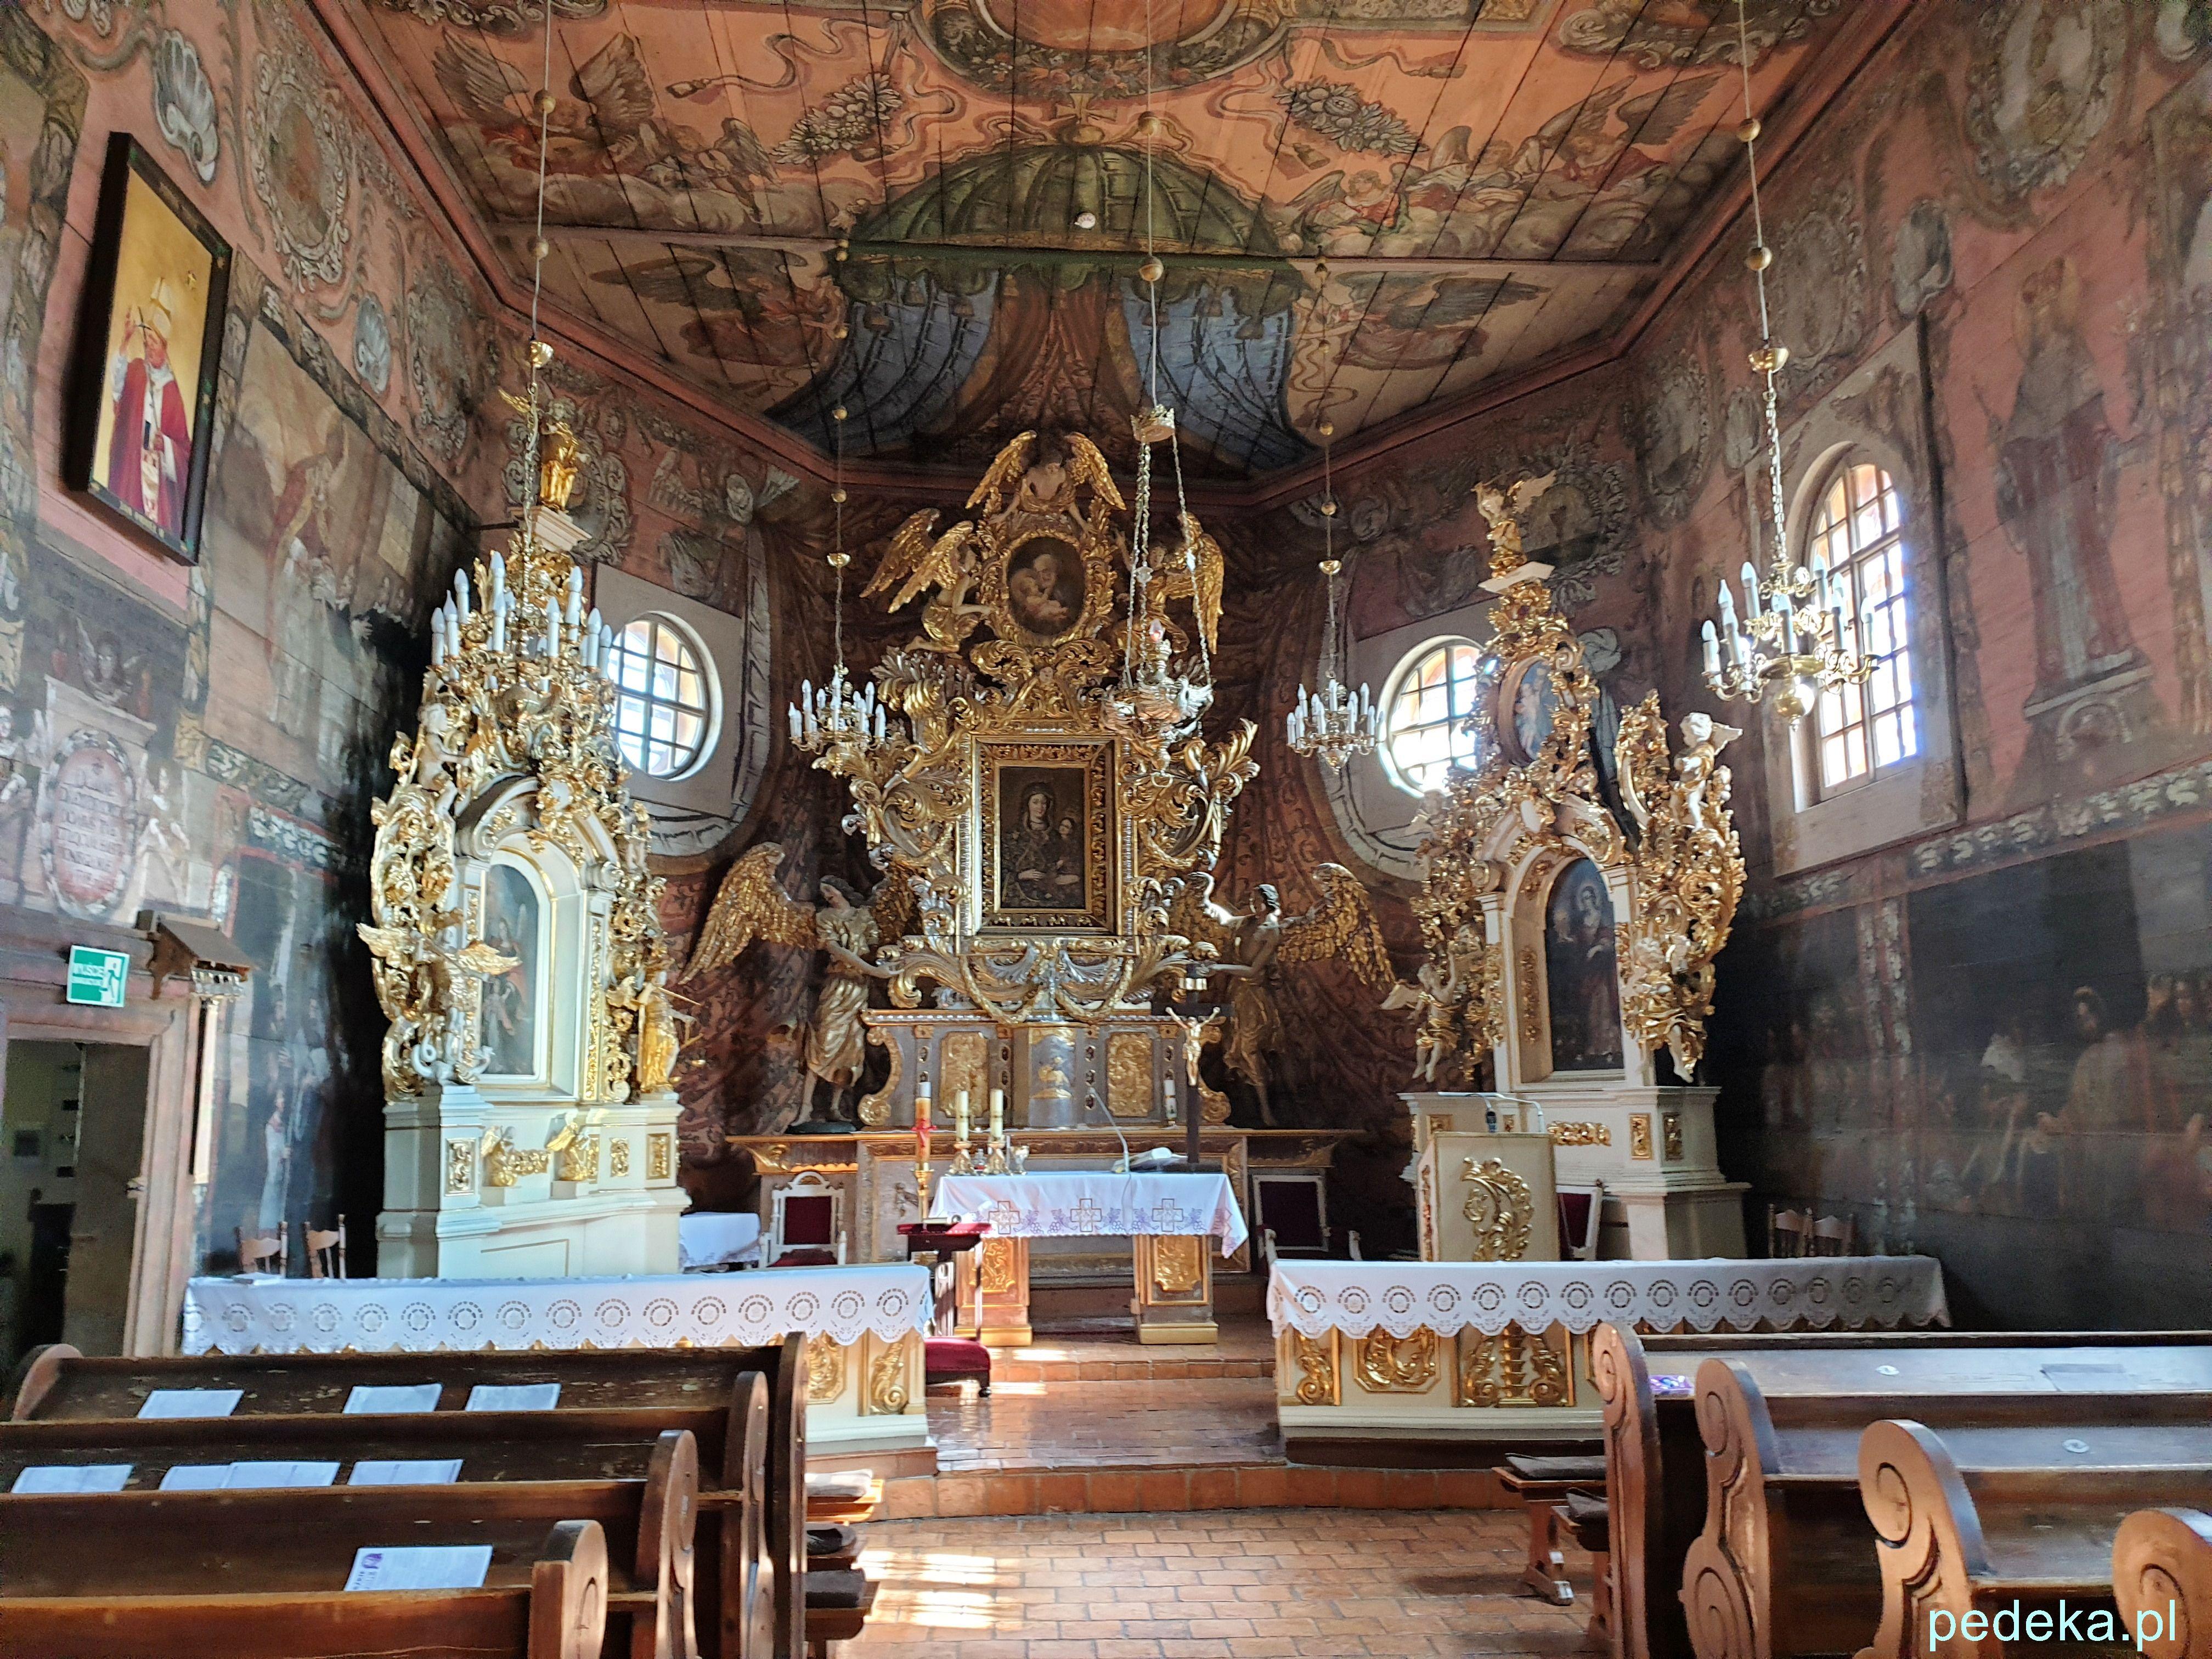 Okolice Gąsawy. Kościół w środku